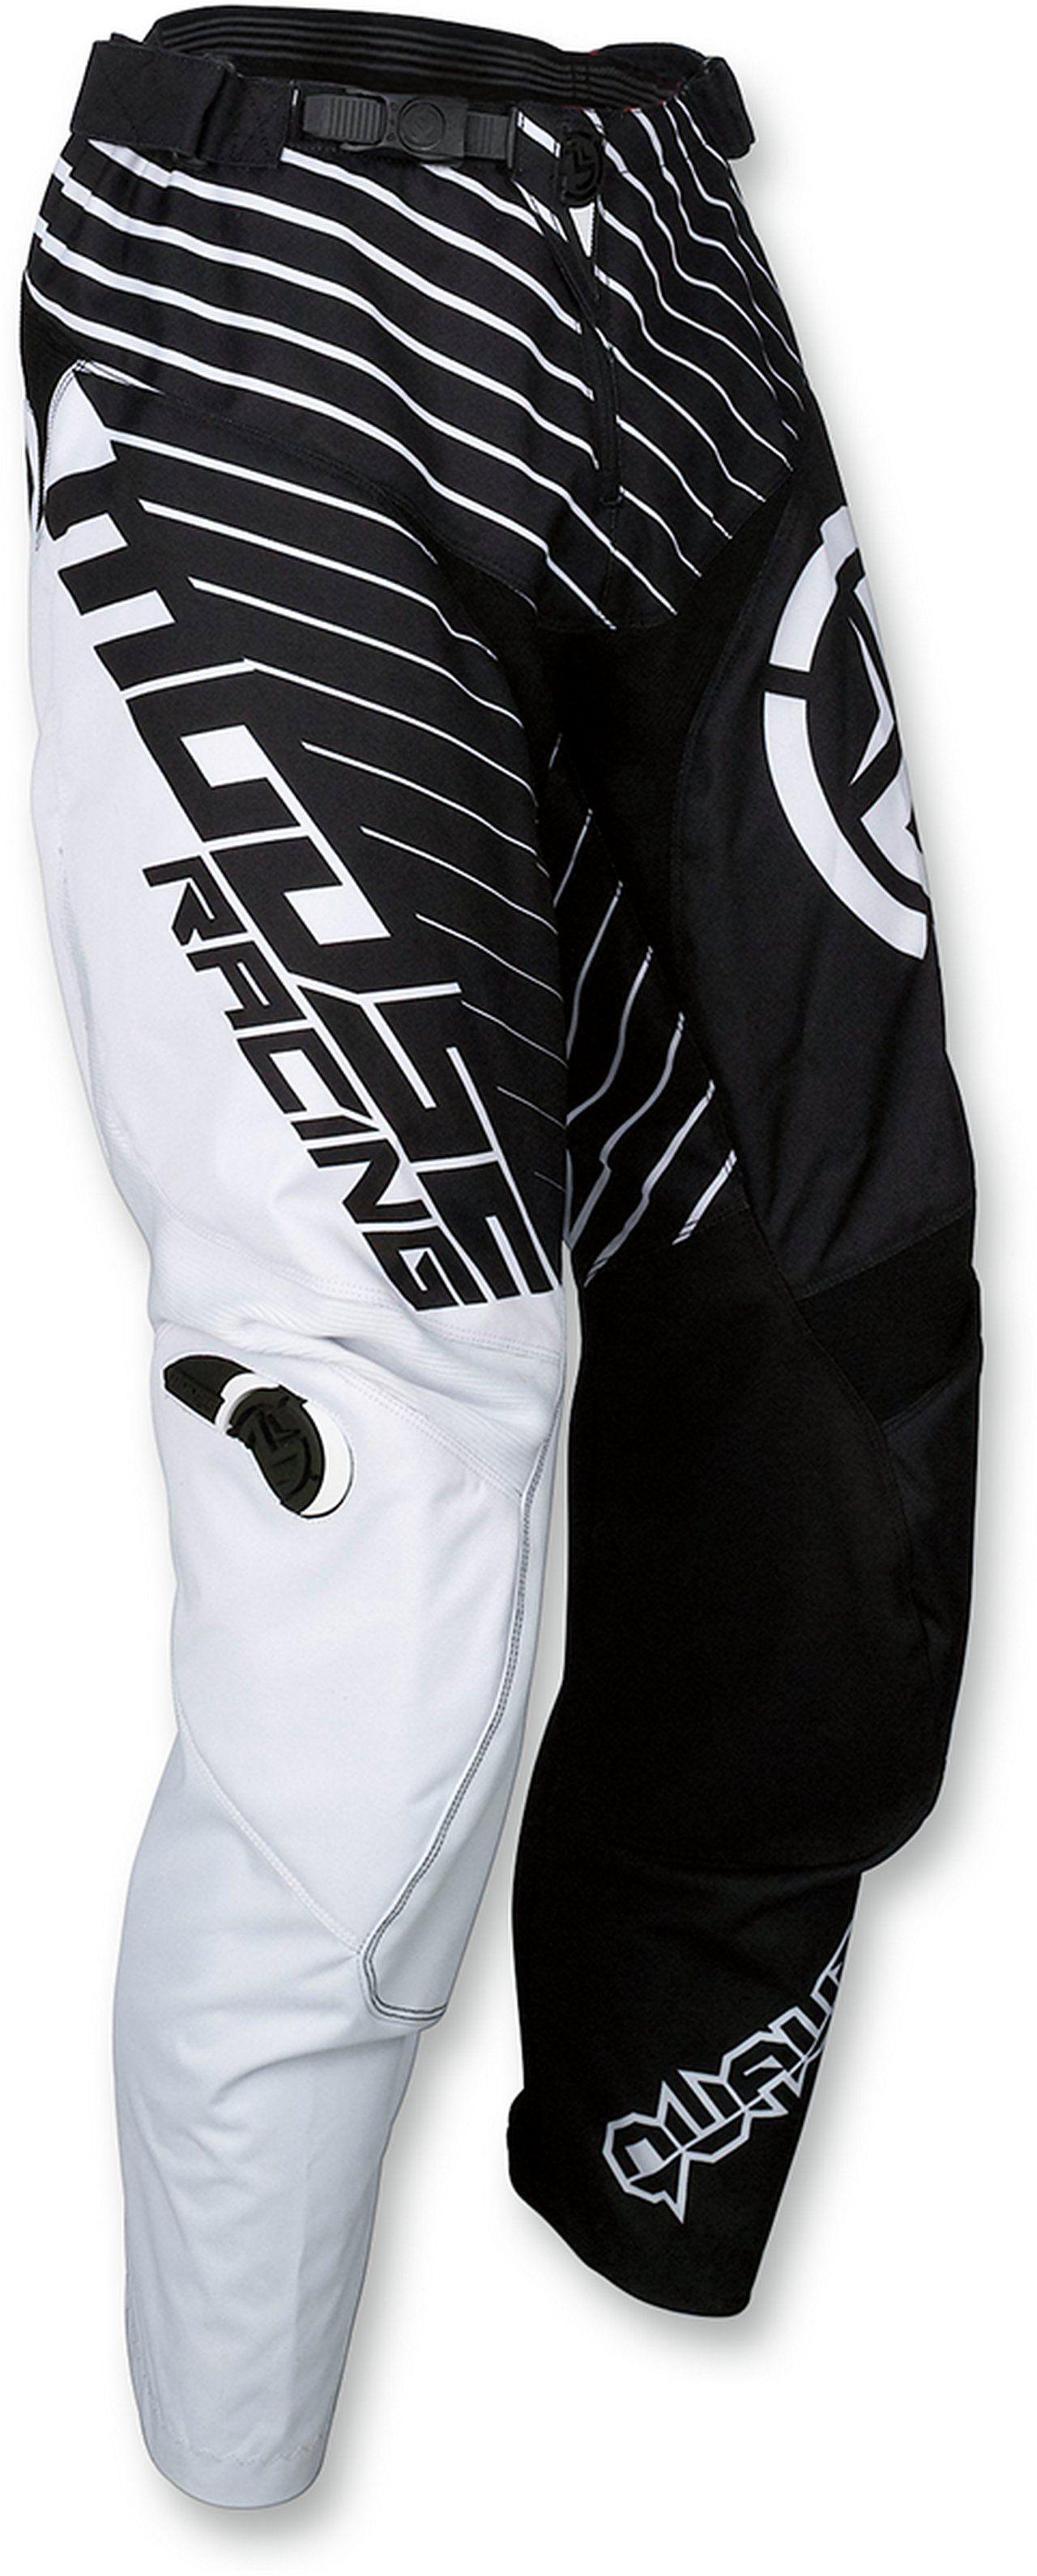 【MOOSE RACING】Qualifier 越野騎士褲 [2901-6764] - 「Webike-摩托百貨」